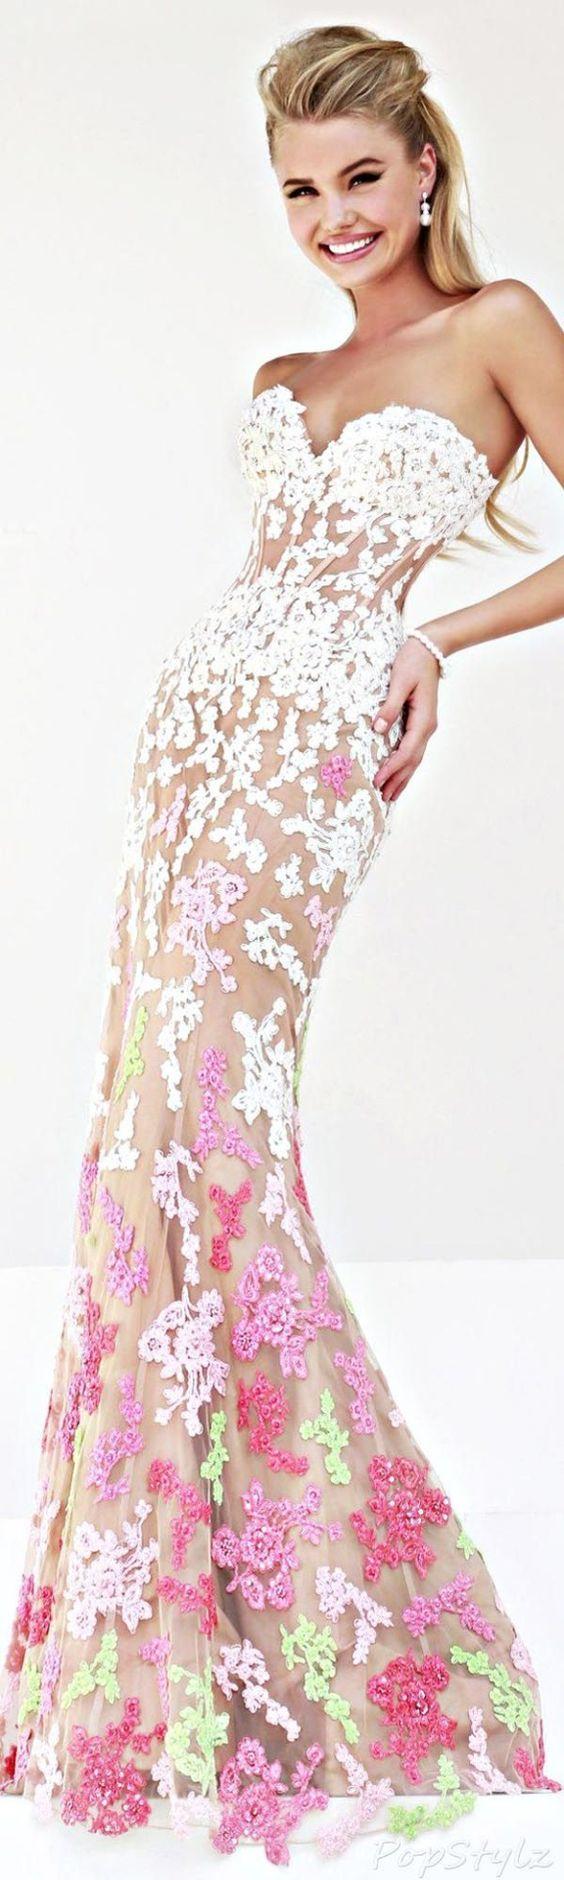 Allure! Designer Gown Fashion Trends Dress